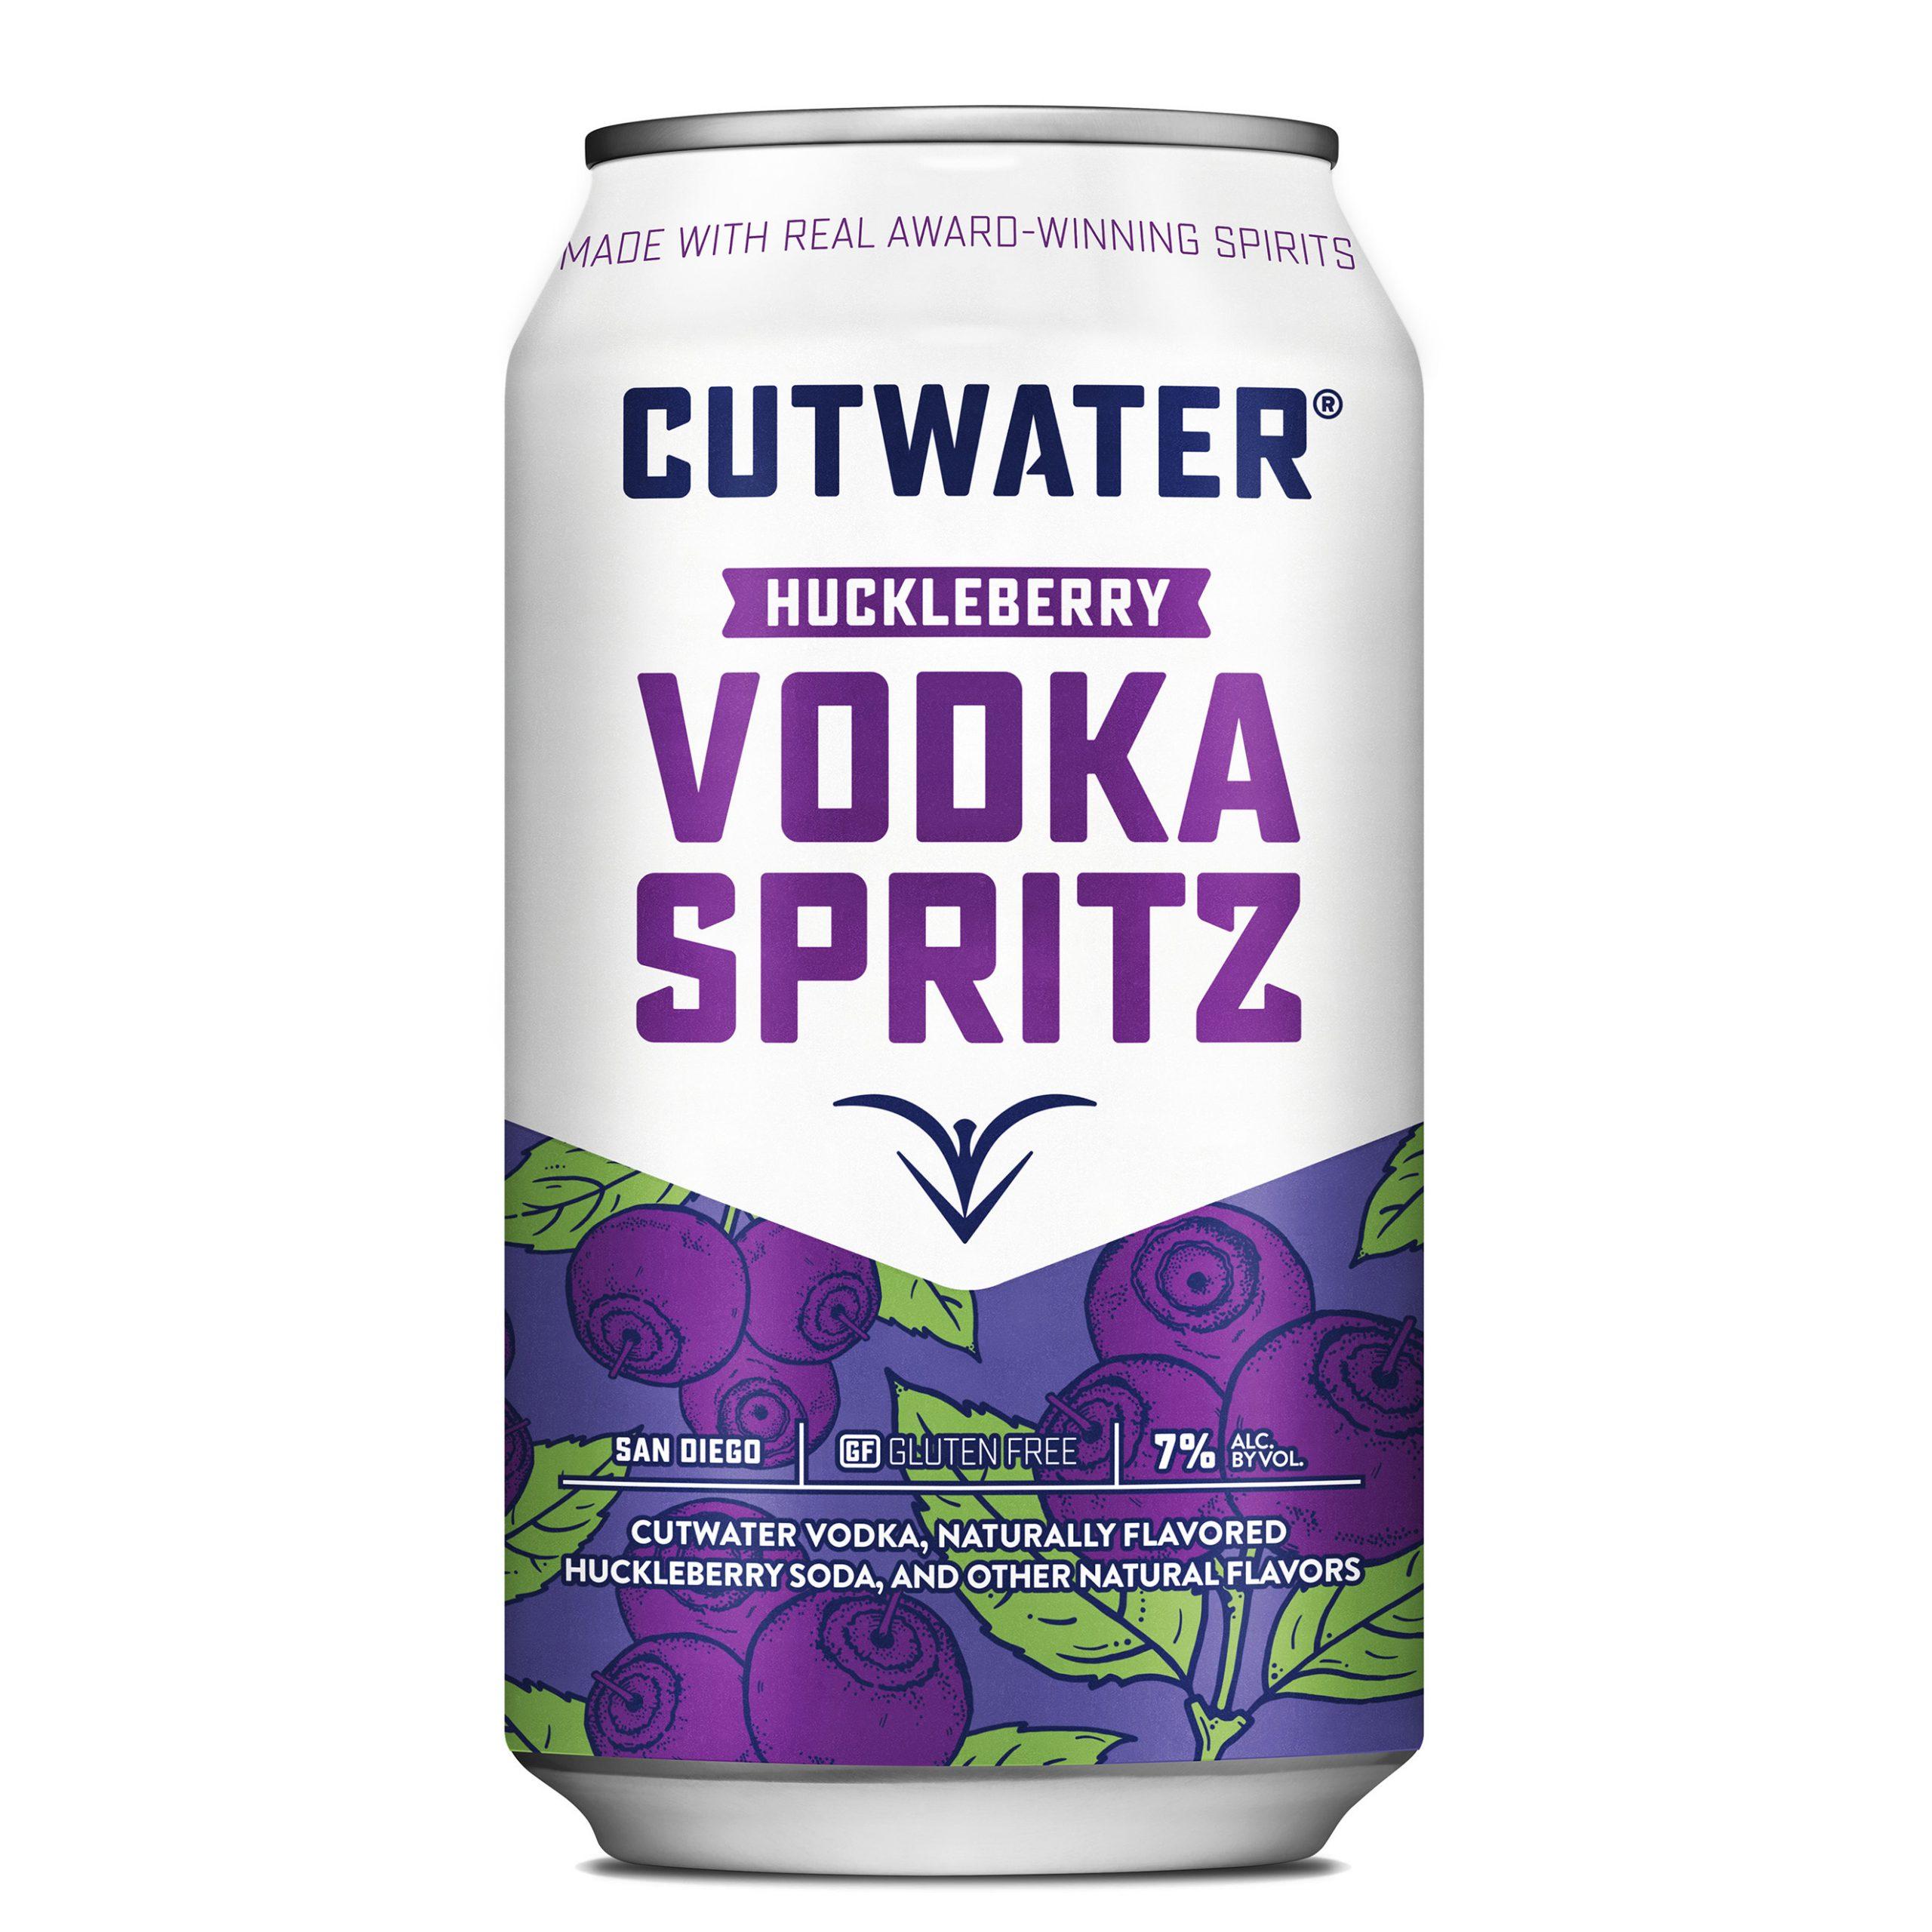 Cutwater, Huckleberry Vodka Spritz